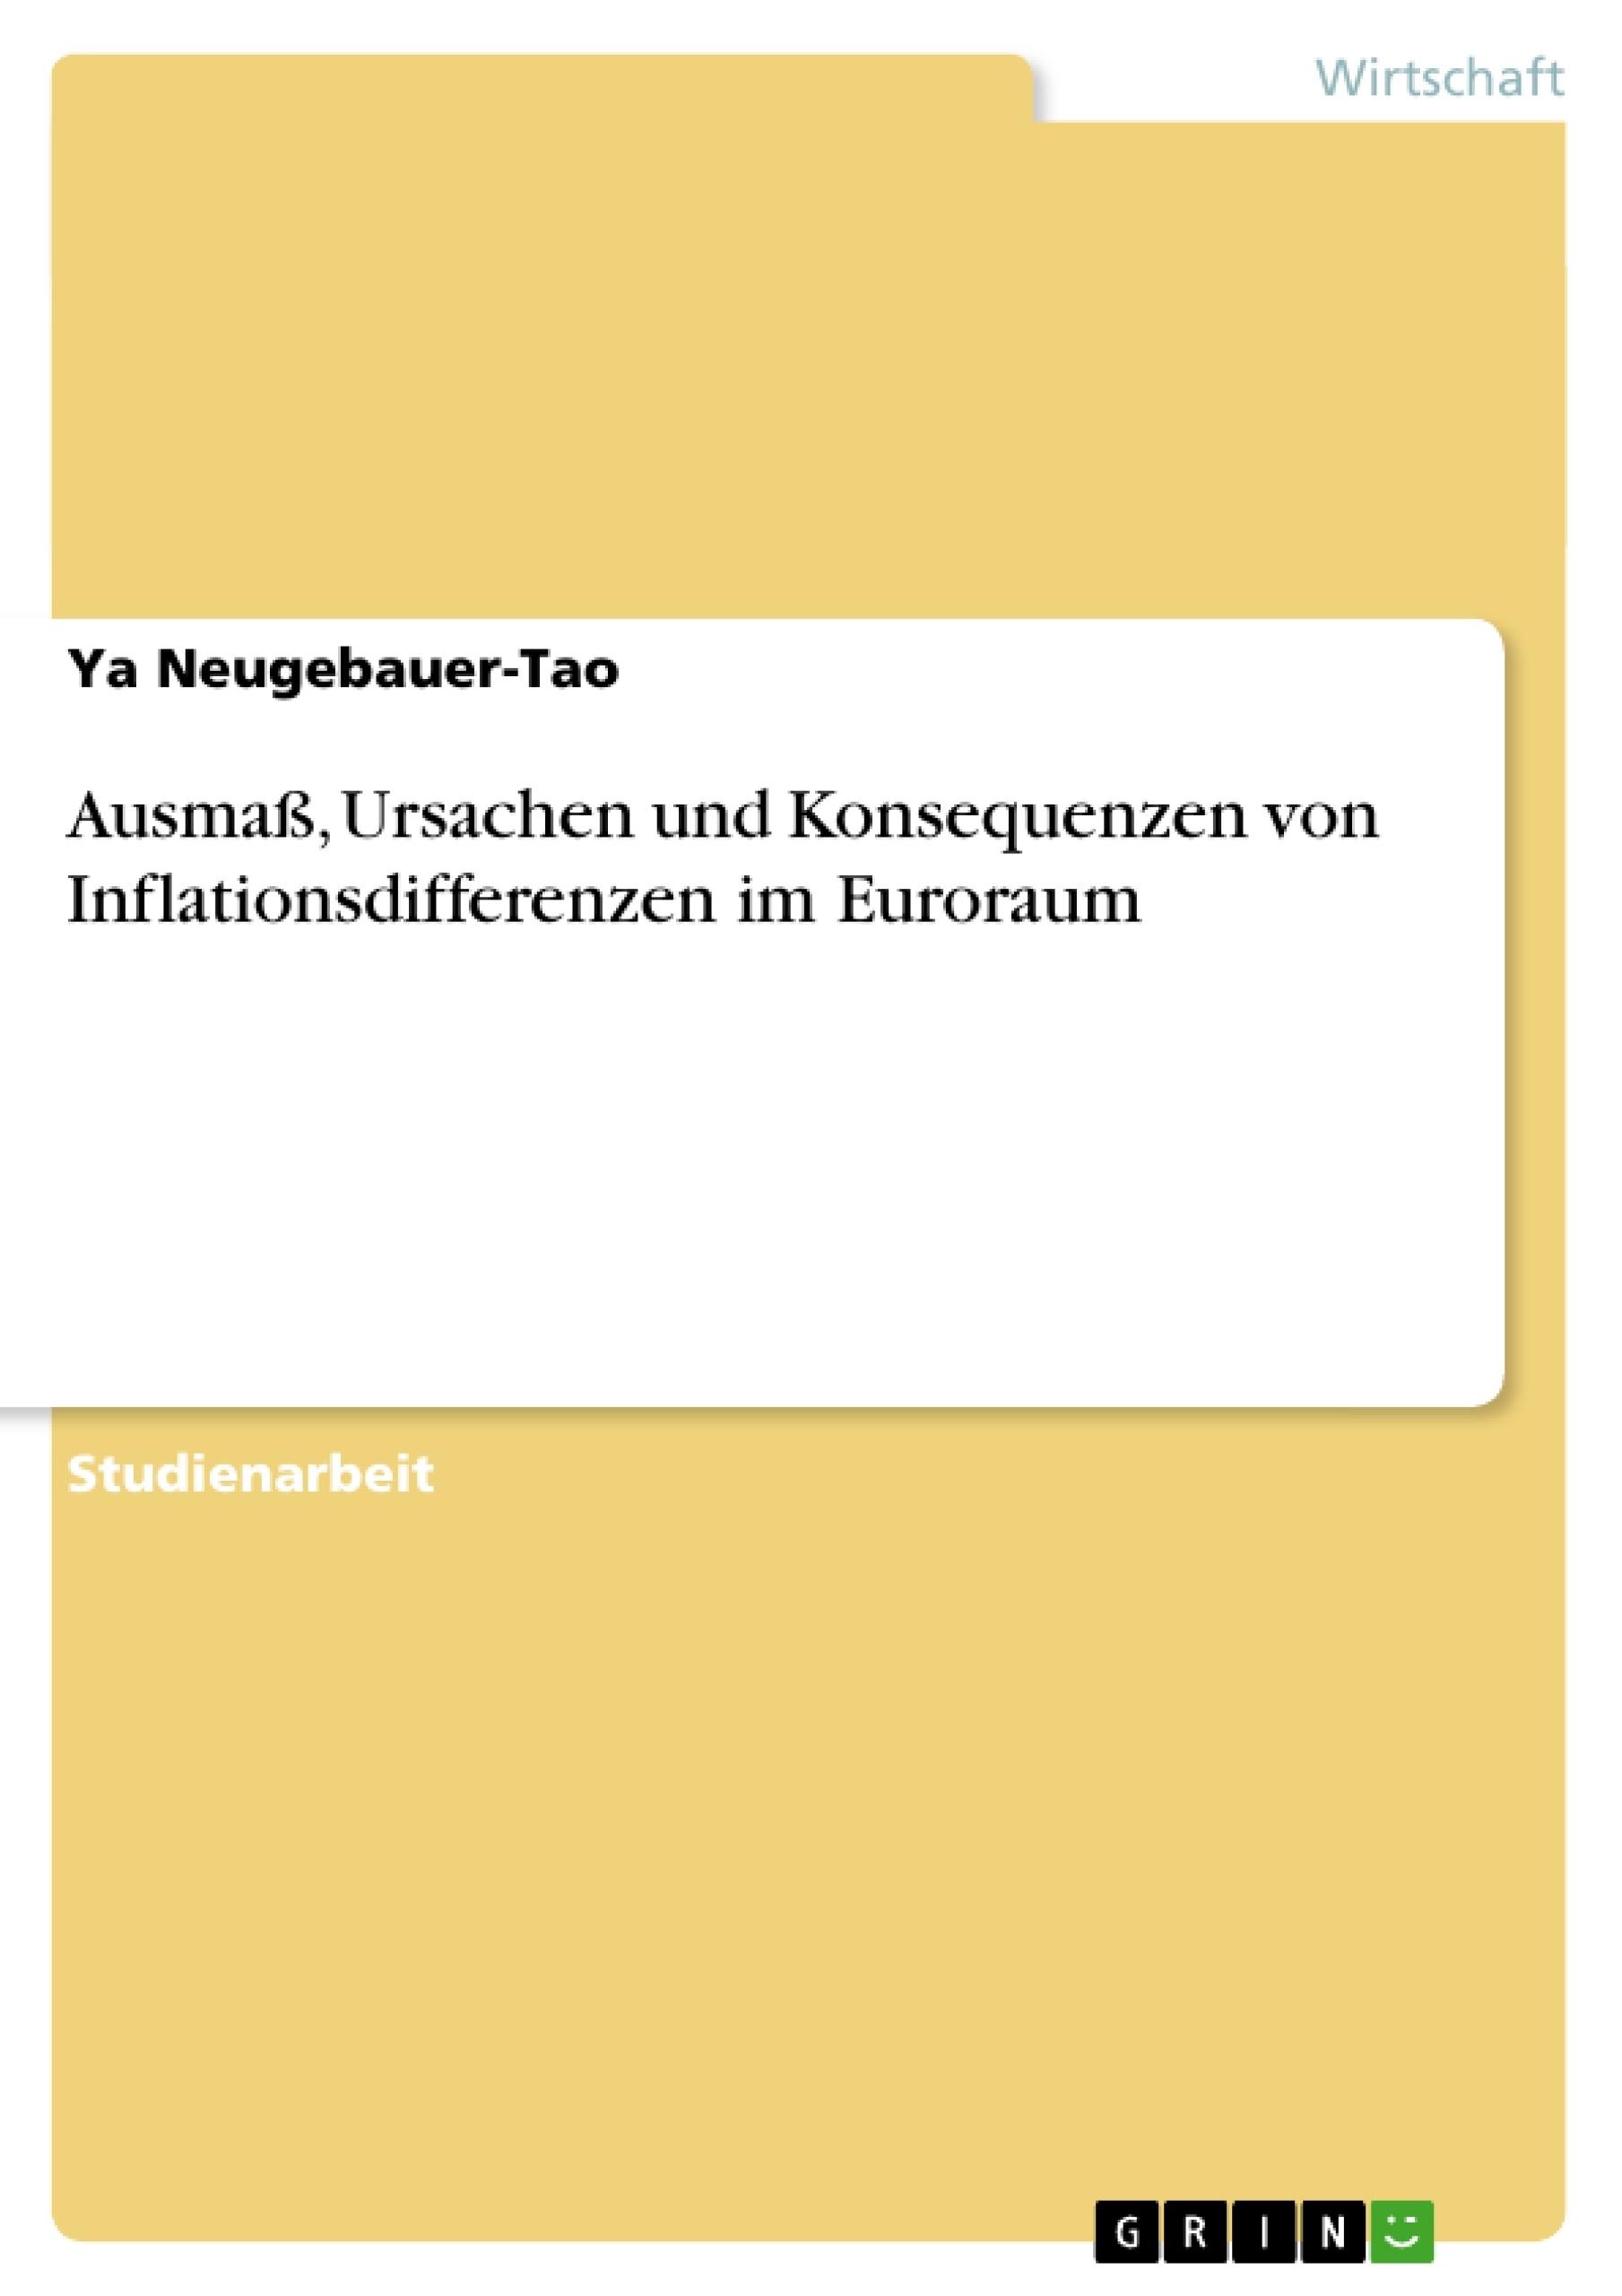 Titel: Ausmaß, Ursachen und Konsequenzen von Inflationsdifferenzen im Euroraum